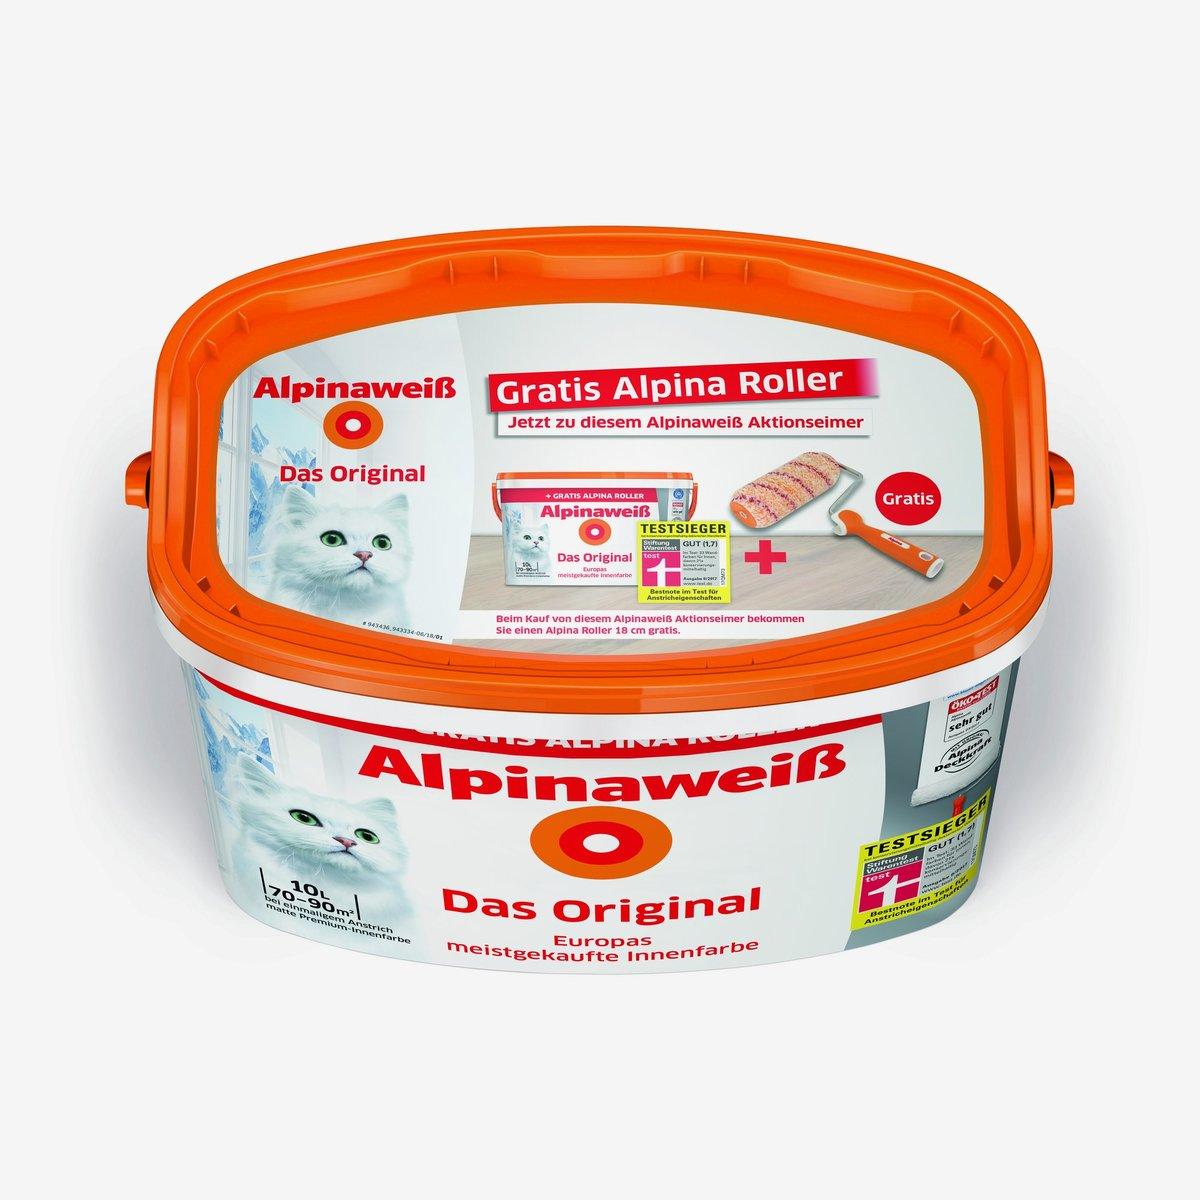 Bild 2 von Alpinaweiß 'Das Original' mit gratis Alpina Roller